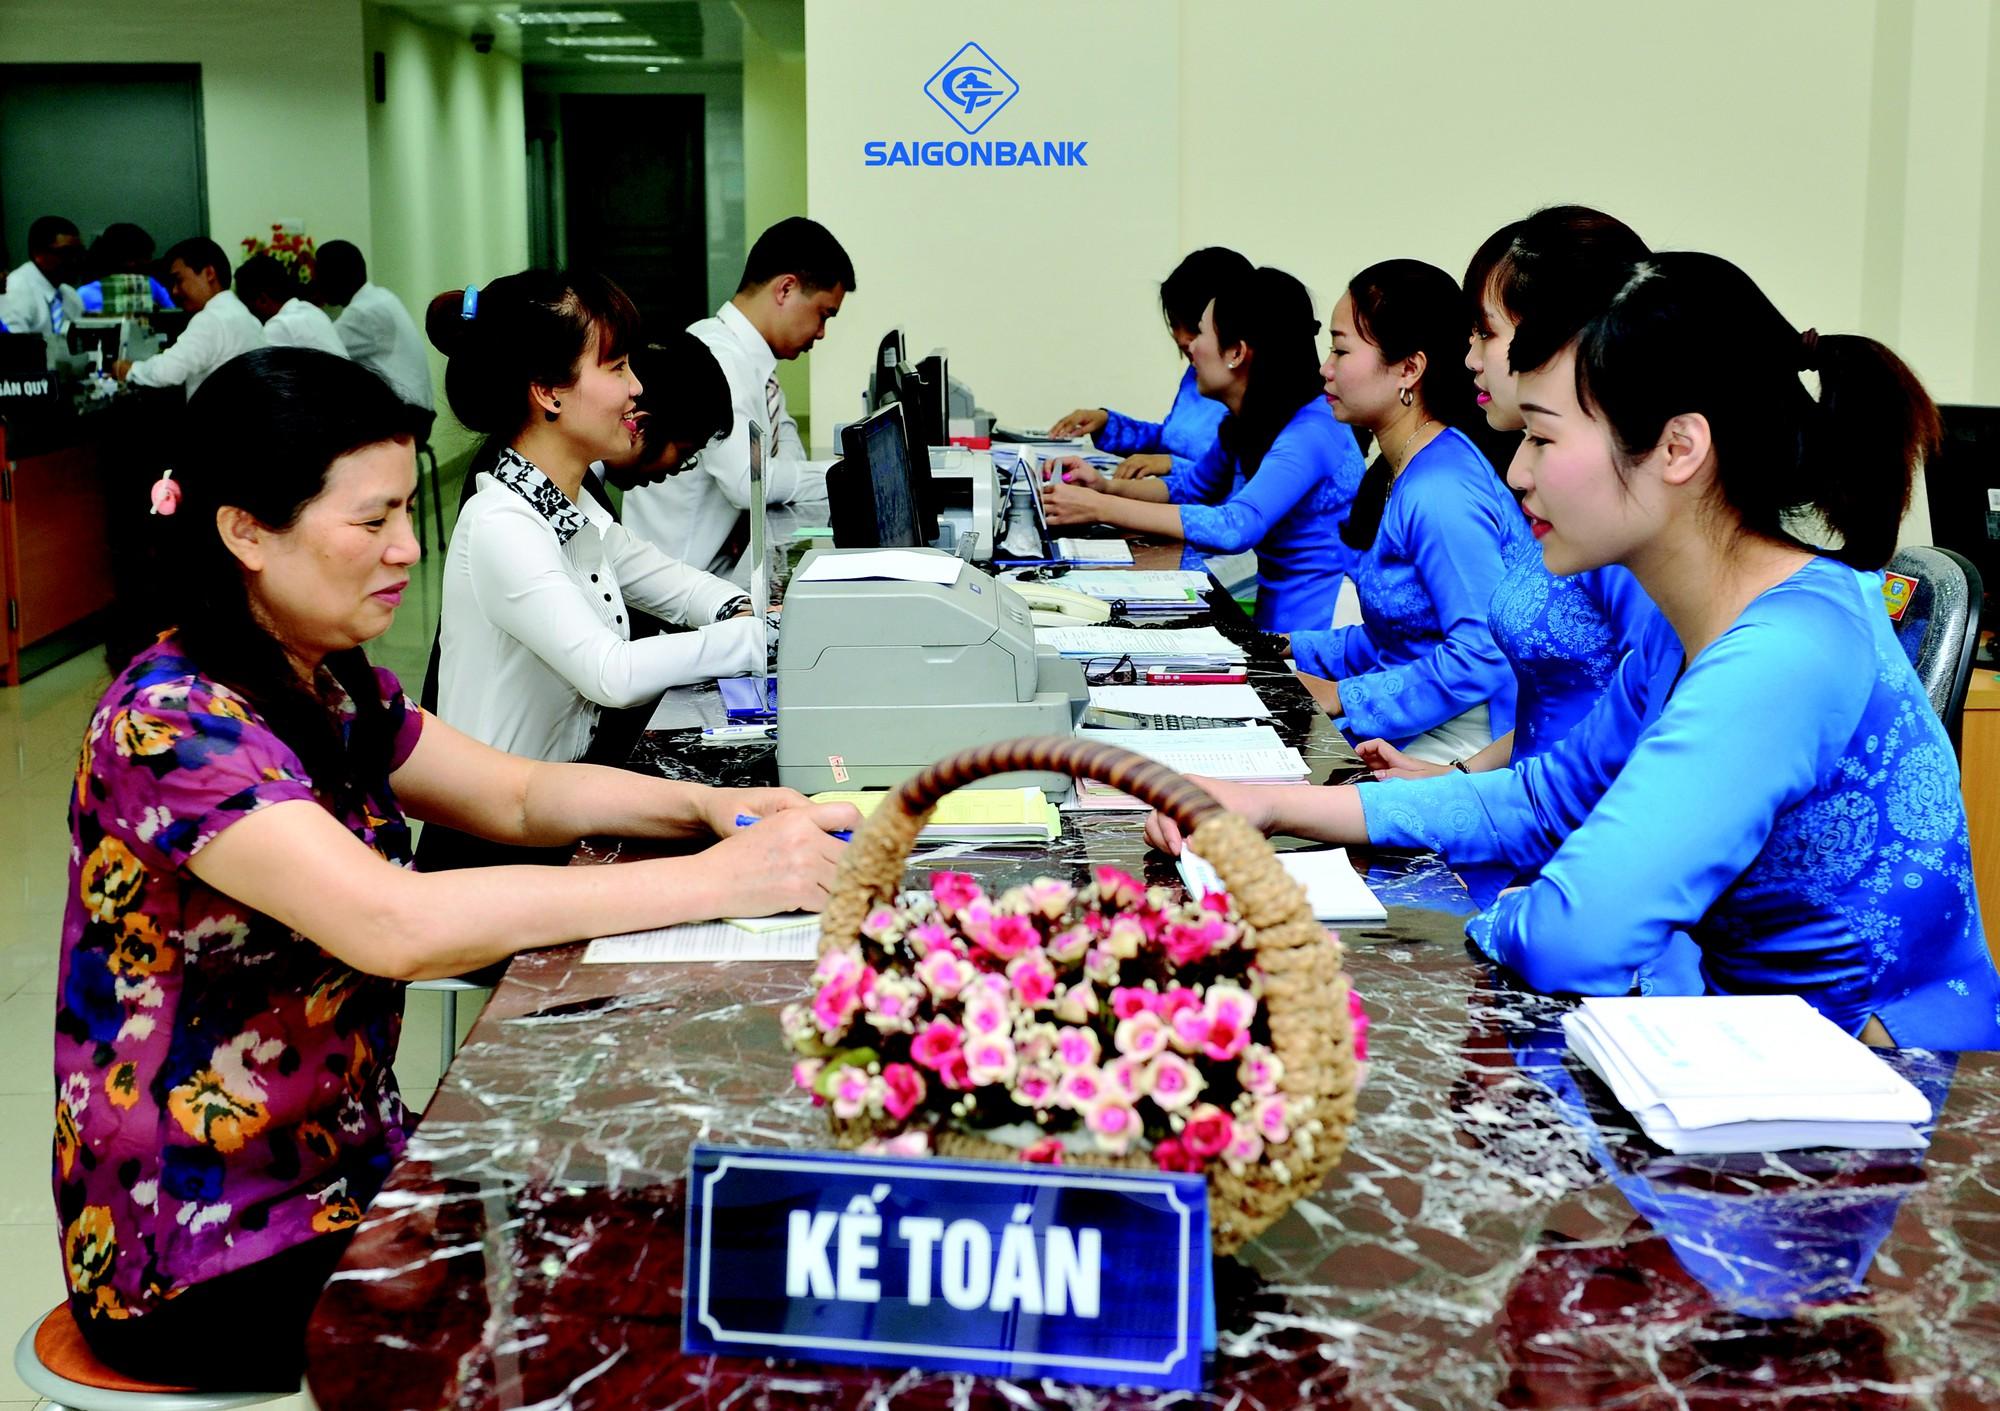 Lãi suất ngân hàng Saigonbank tháng 8/2021 cao nhất là 6,5%/năm - Ảnh 1.